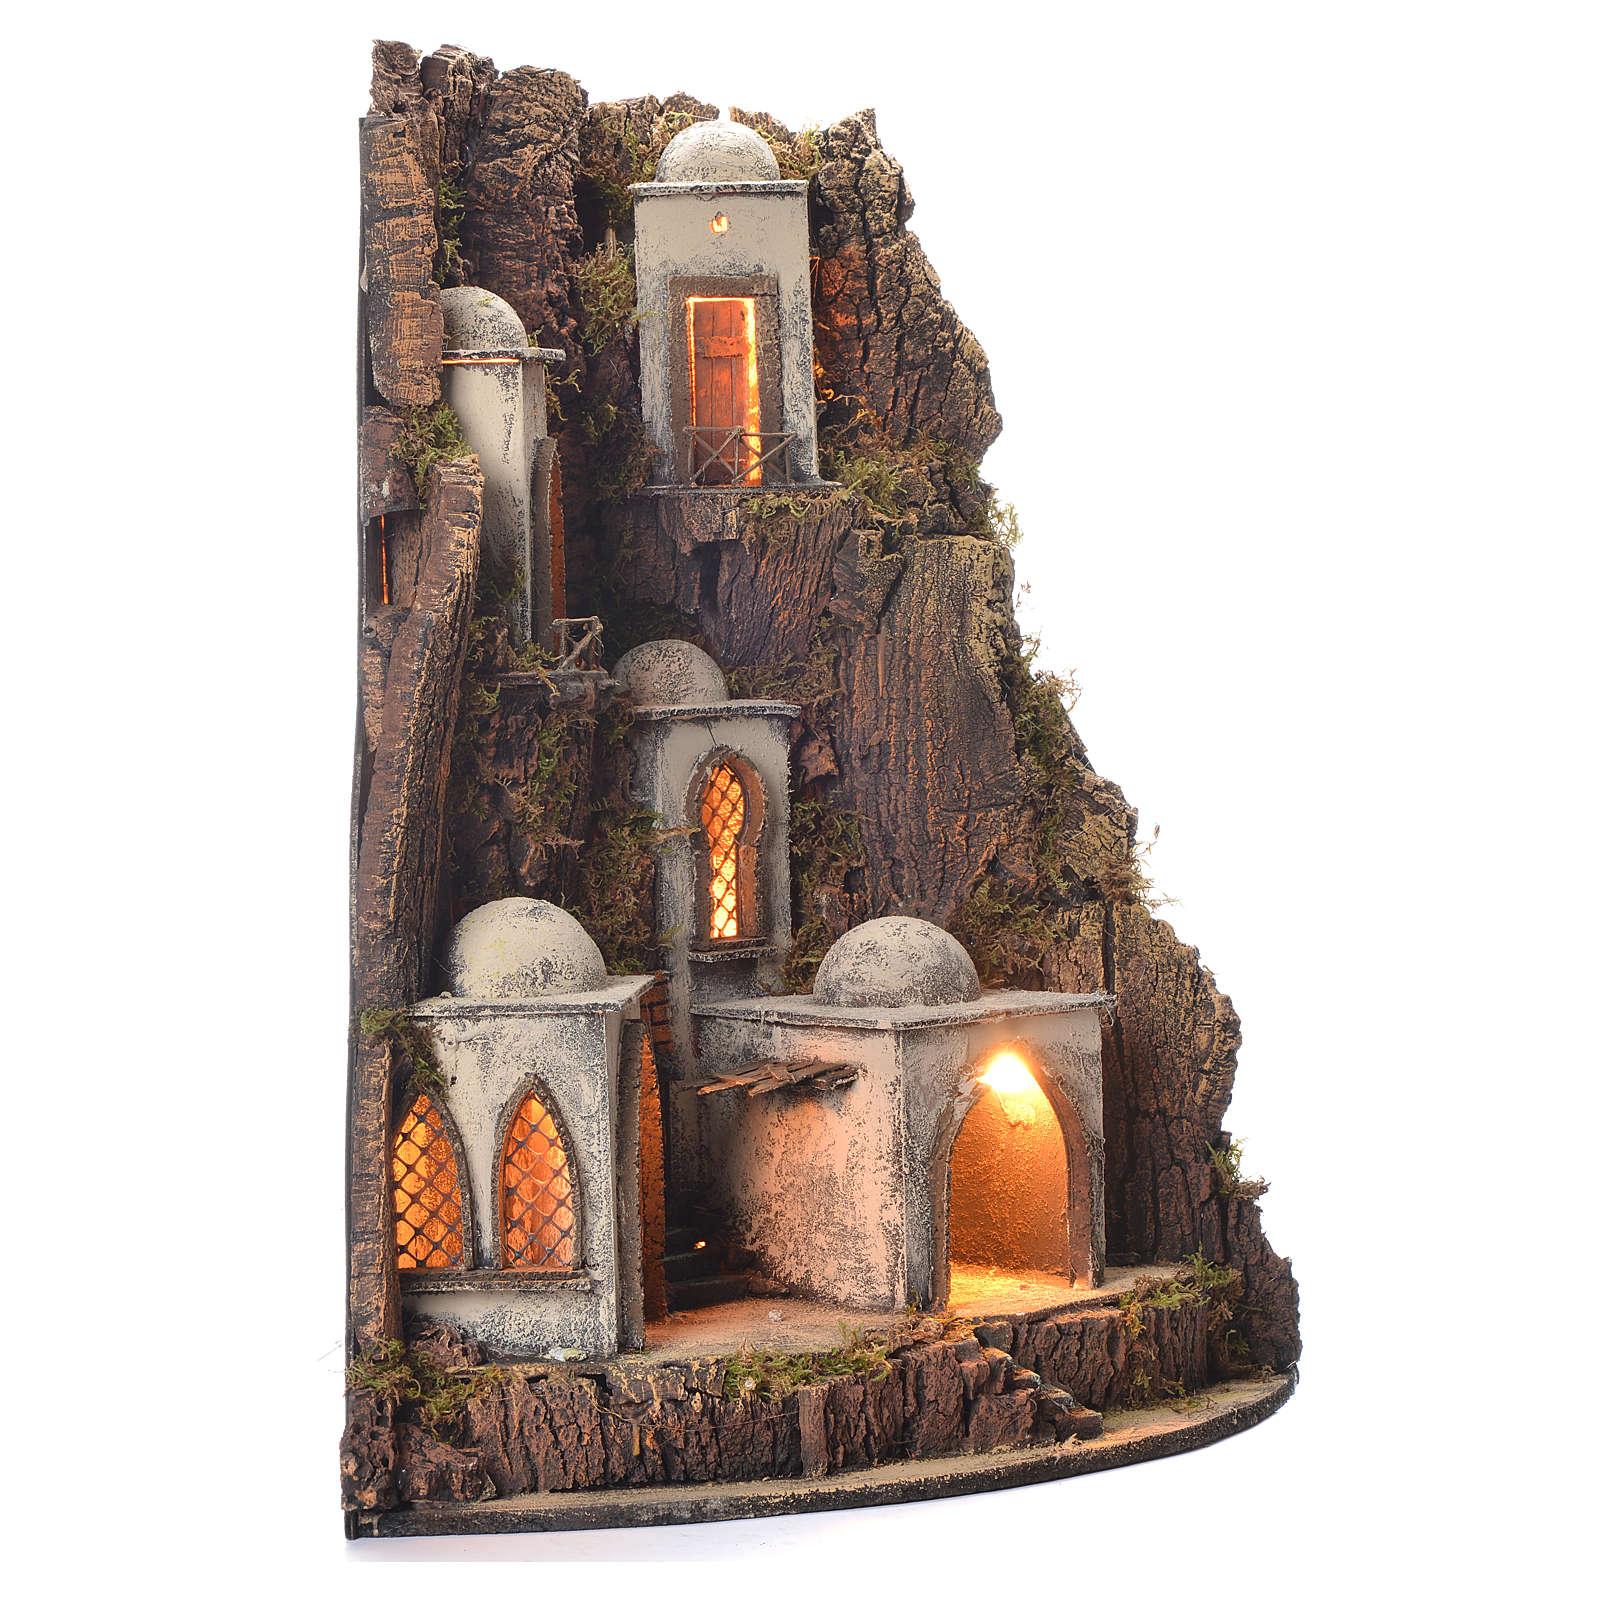 Borgo presepe 700 stile arabo 65x45x50 4